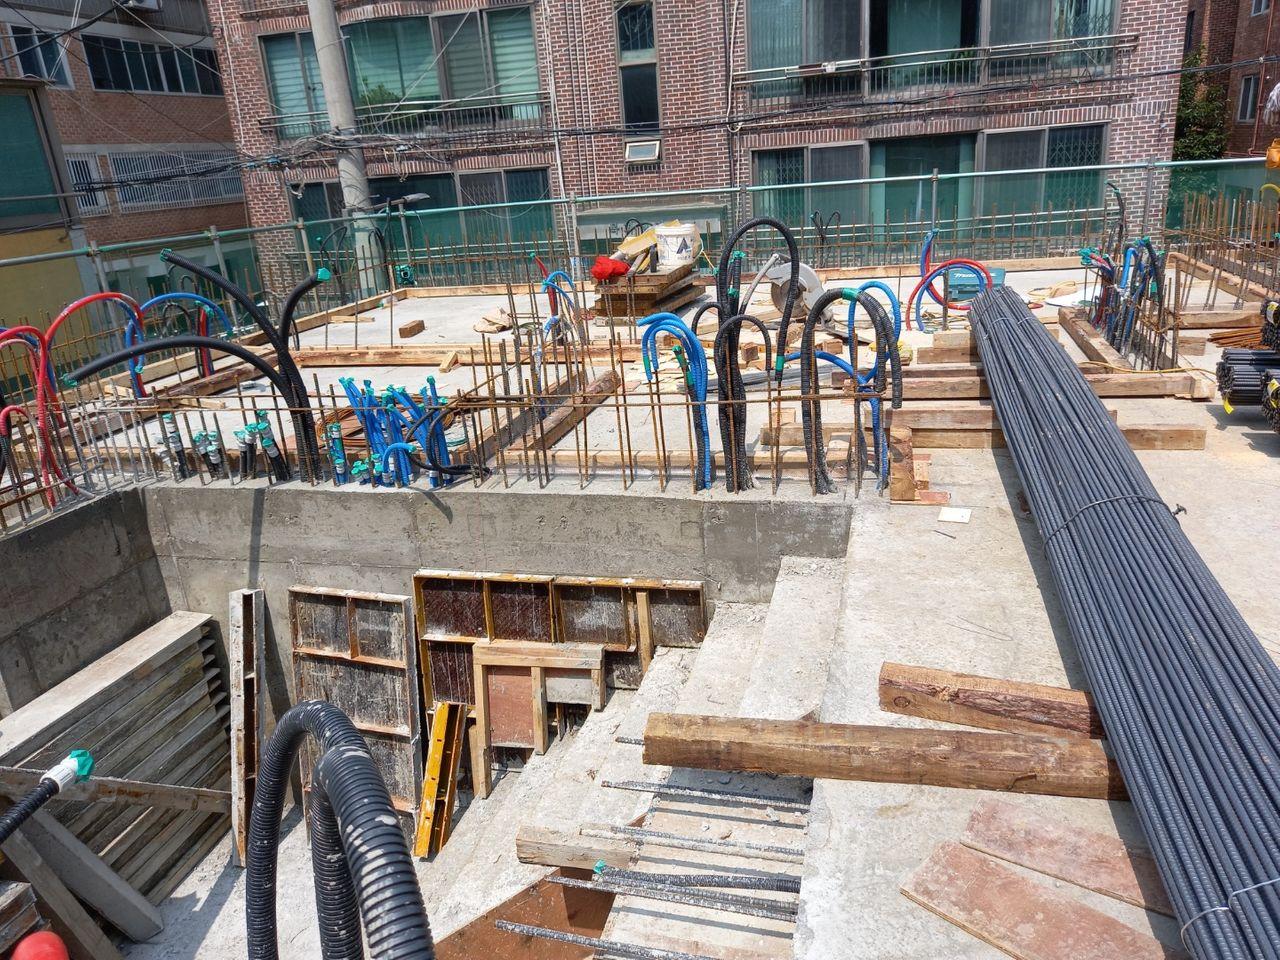 지상 2층 기둥, 옹벽 등이 세워질 곳에 표시해두는 작업